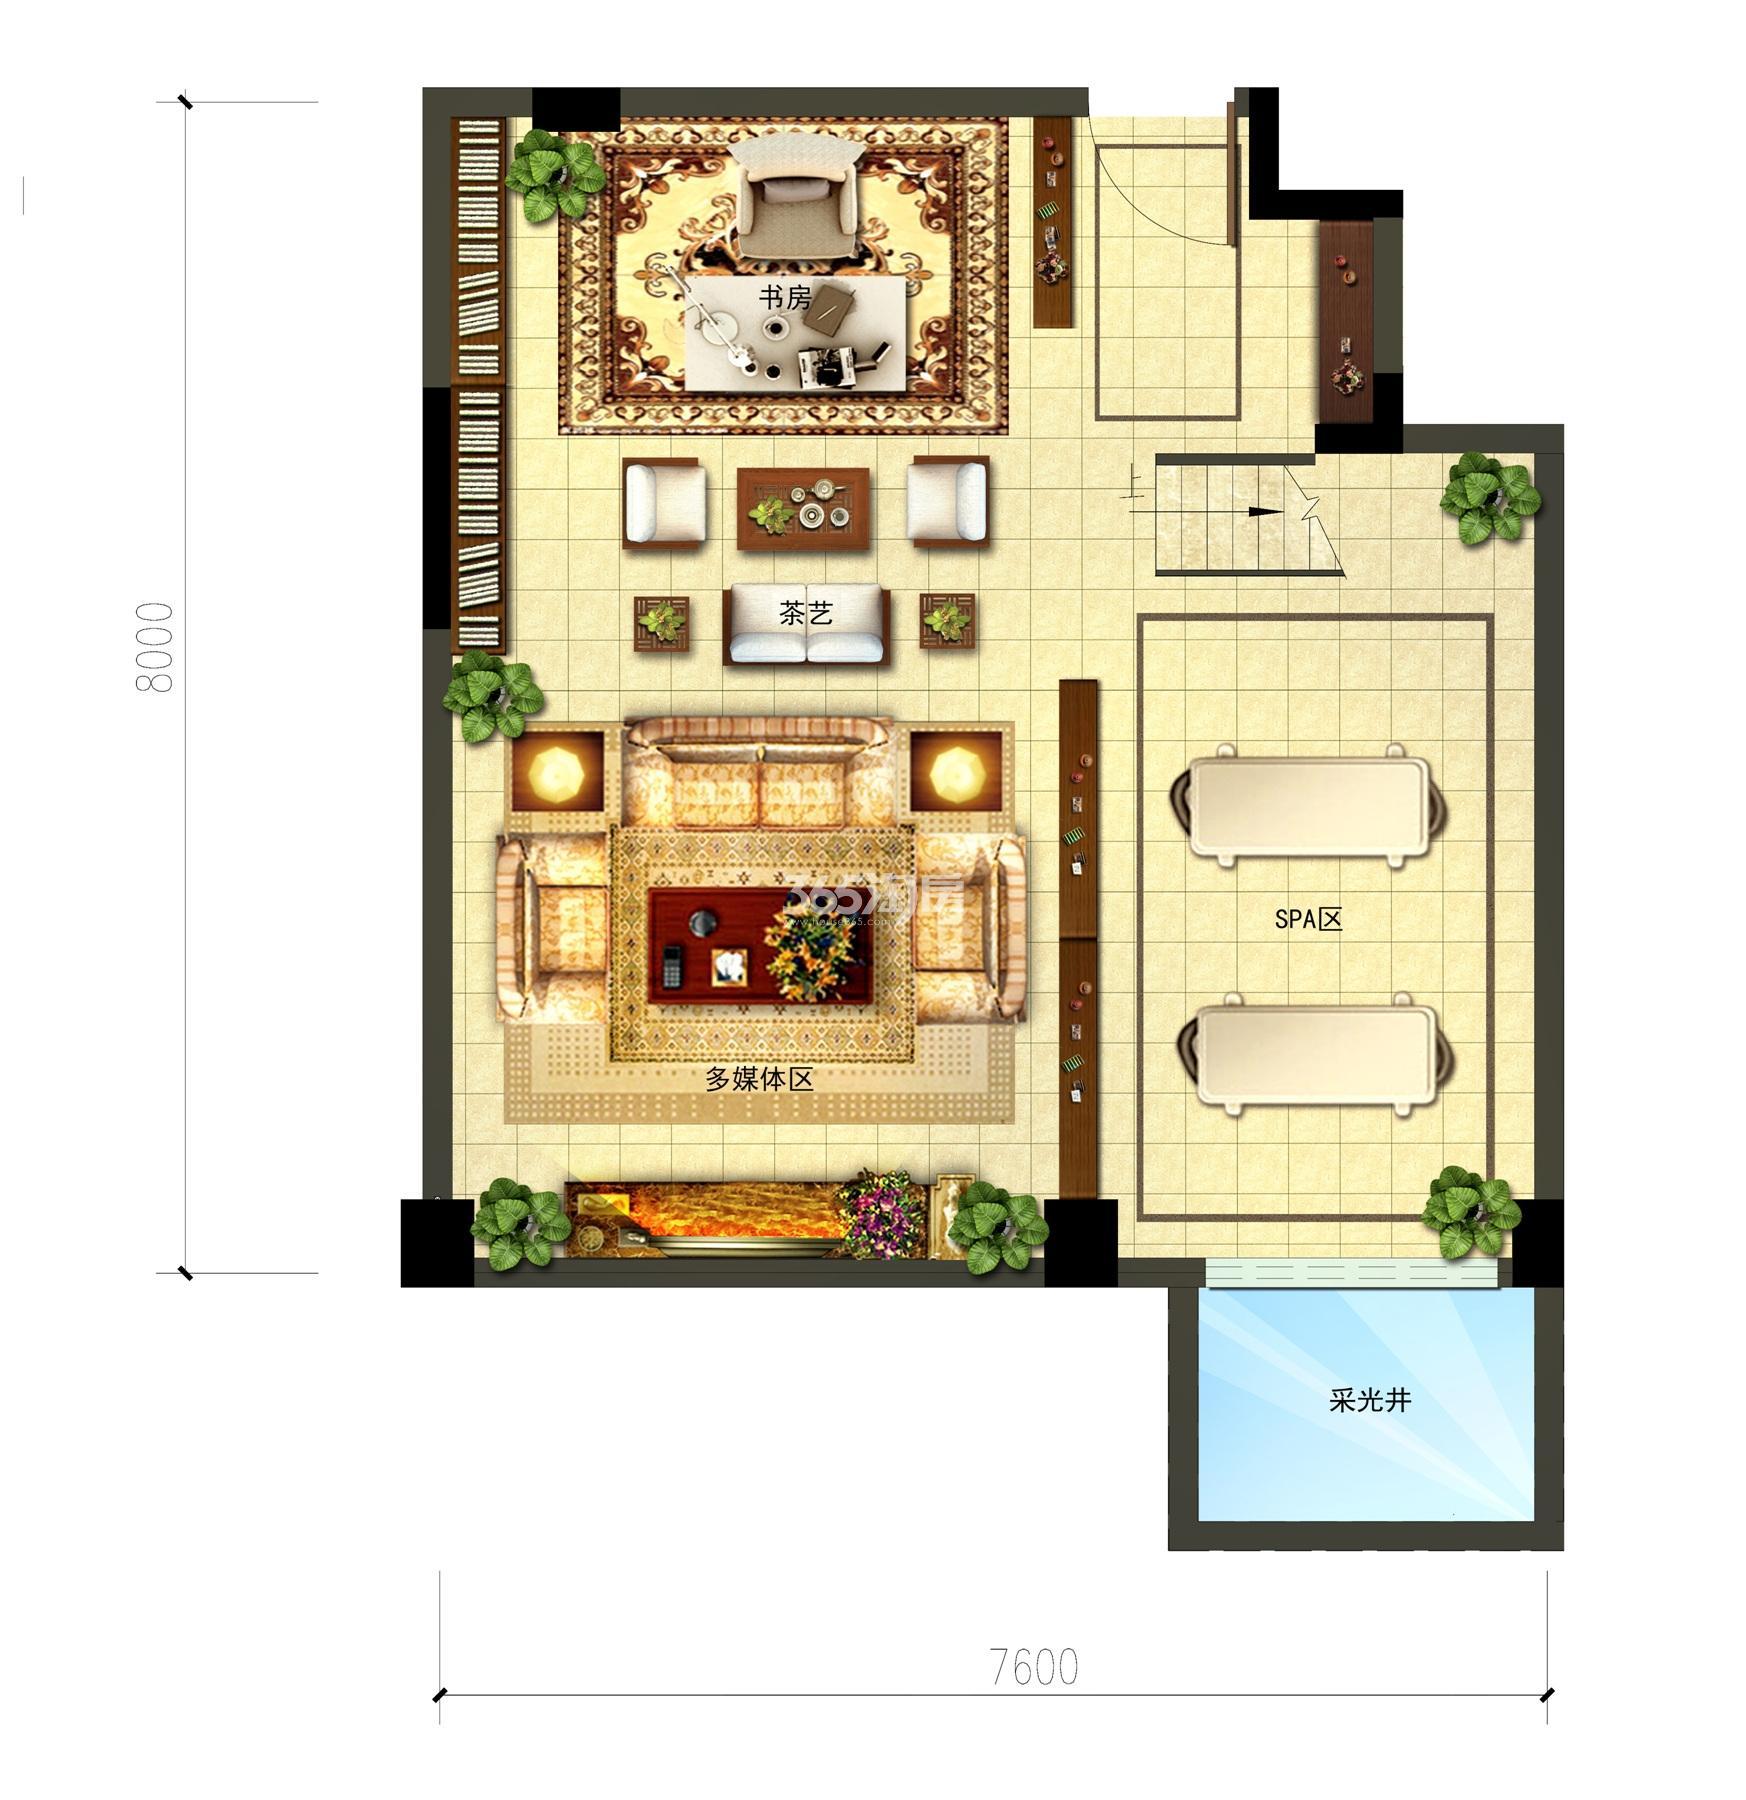 金地大运河府洋房边套地下室储藏间改造 E1户型 142㎡